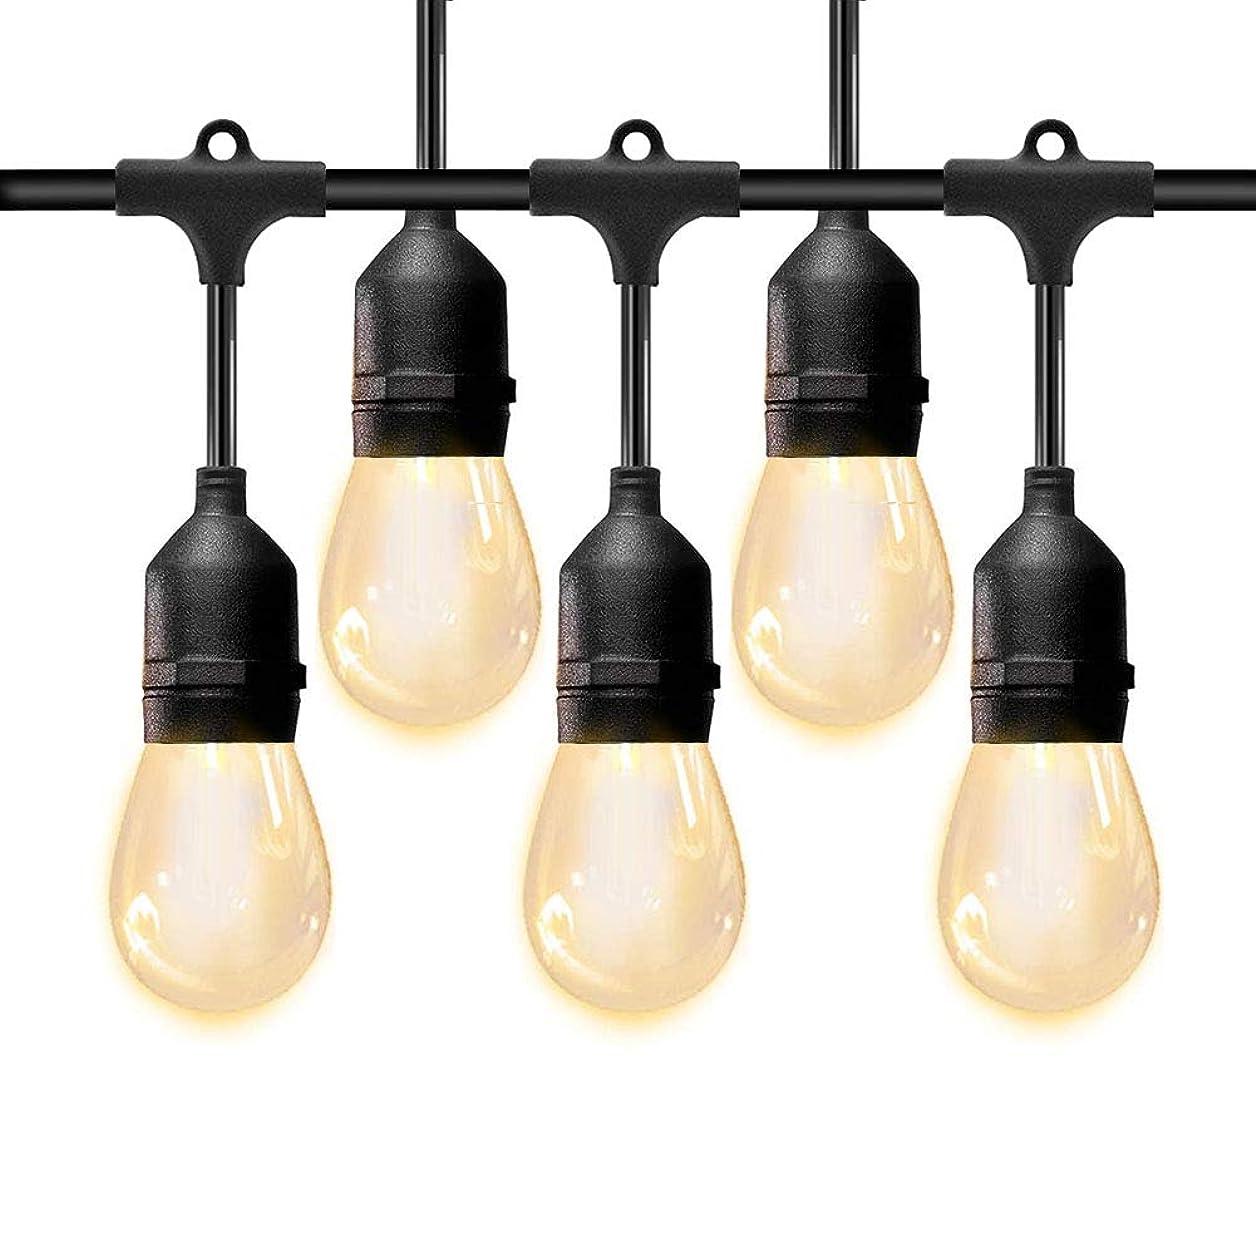 蒸発光電保有者BRTLX ストリングライト 防雨型 15m 15個ソケット 18個フィラメント電球付き イルミネーションライト クリスマス ハロウィン 飾り 連結可能 誕生日パーティー電飾